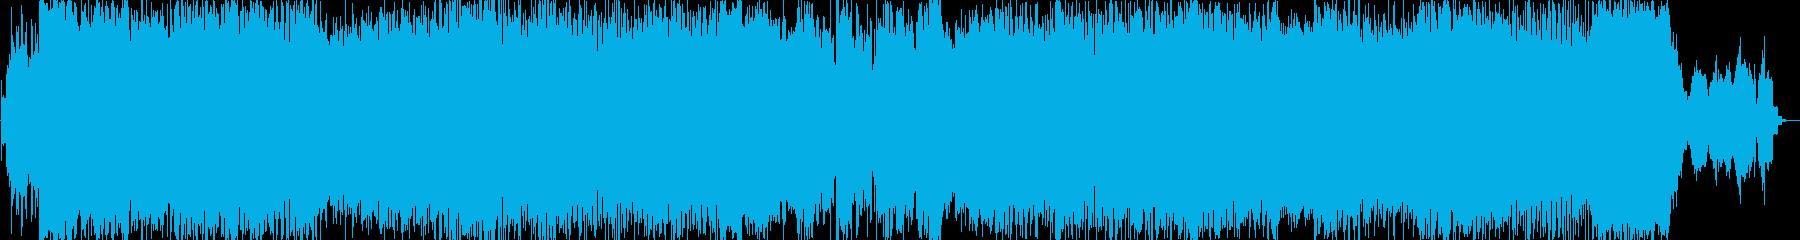 バトルアクションのゲームBGMのイメージの再生済みの波形